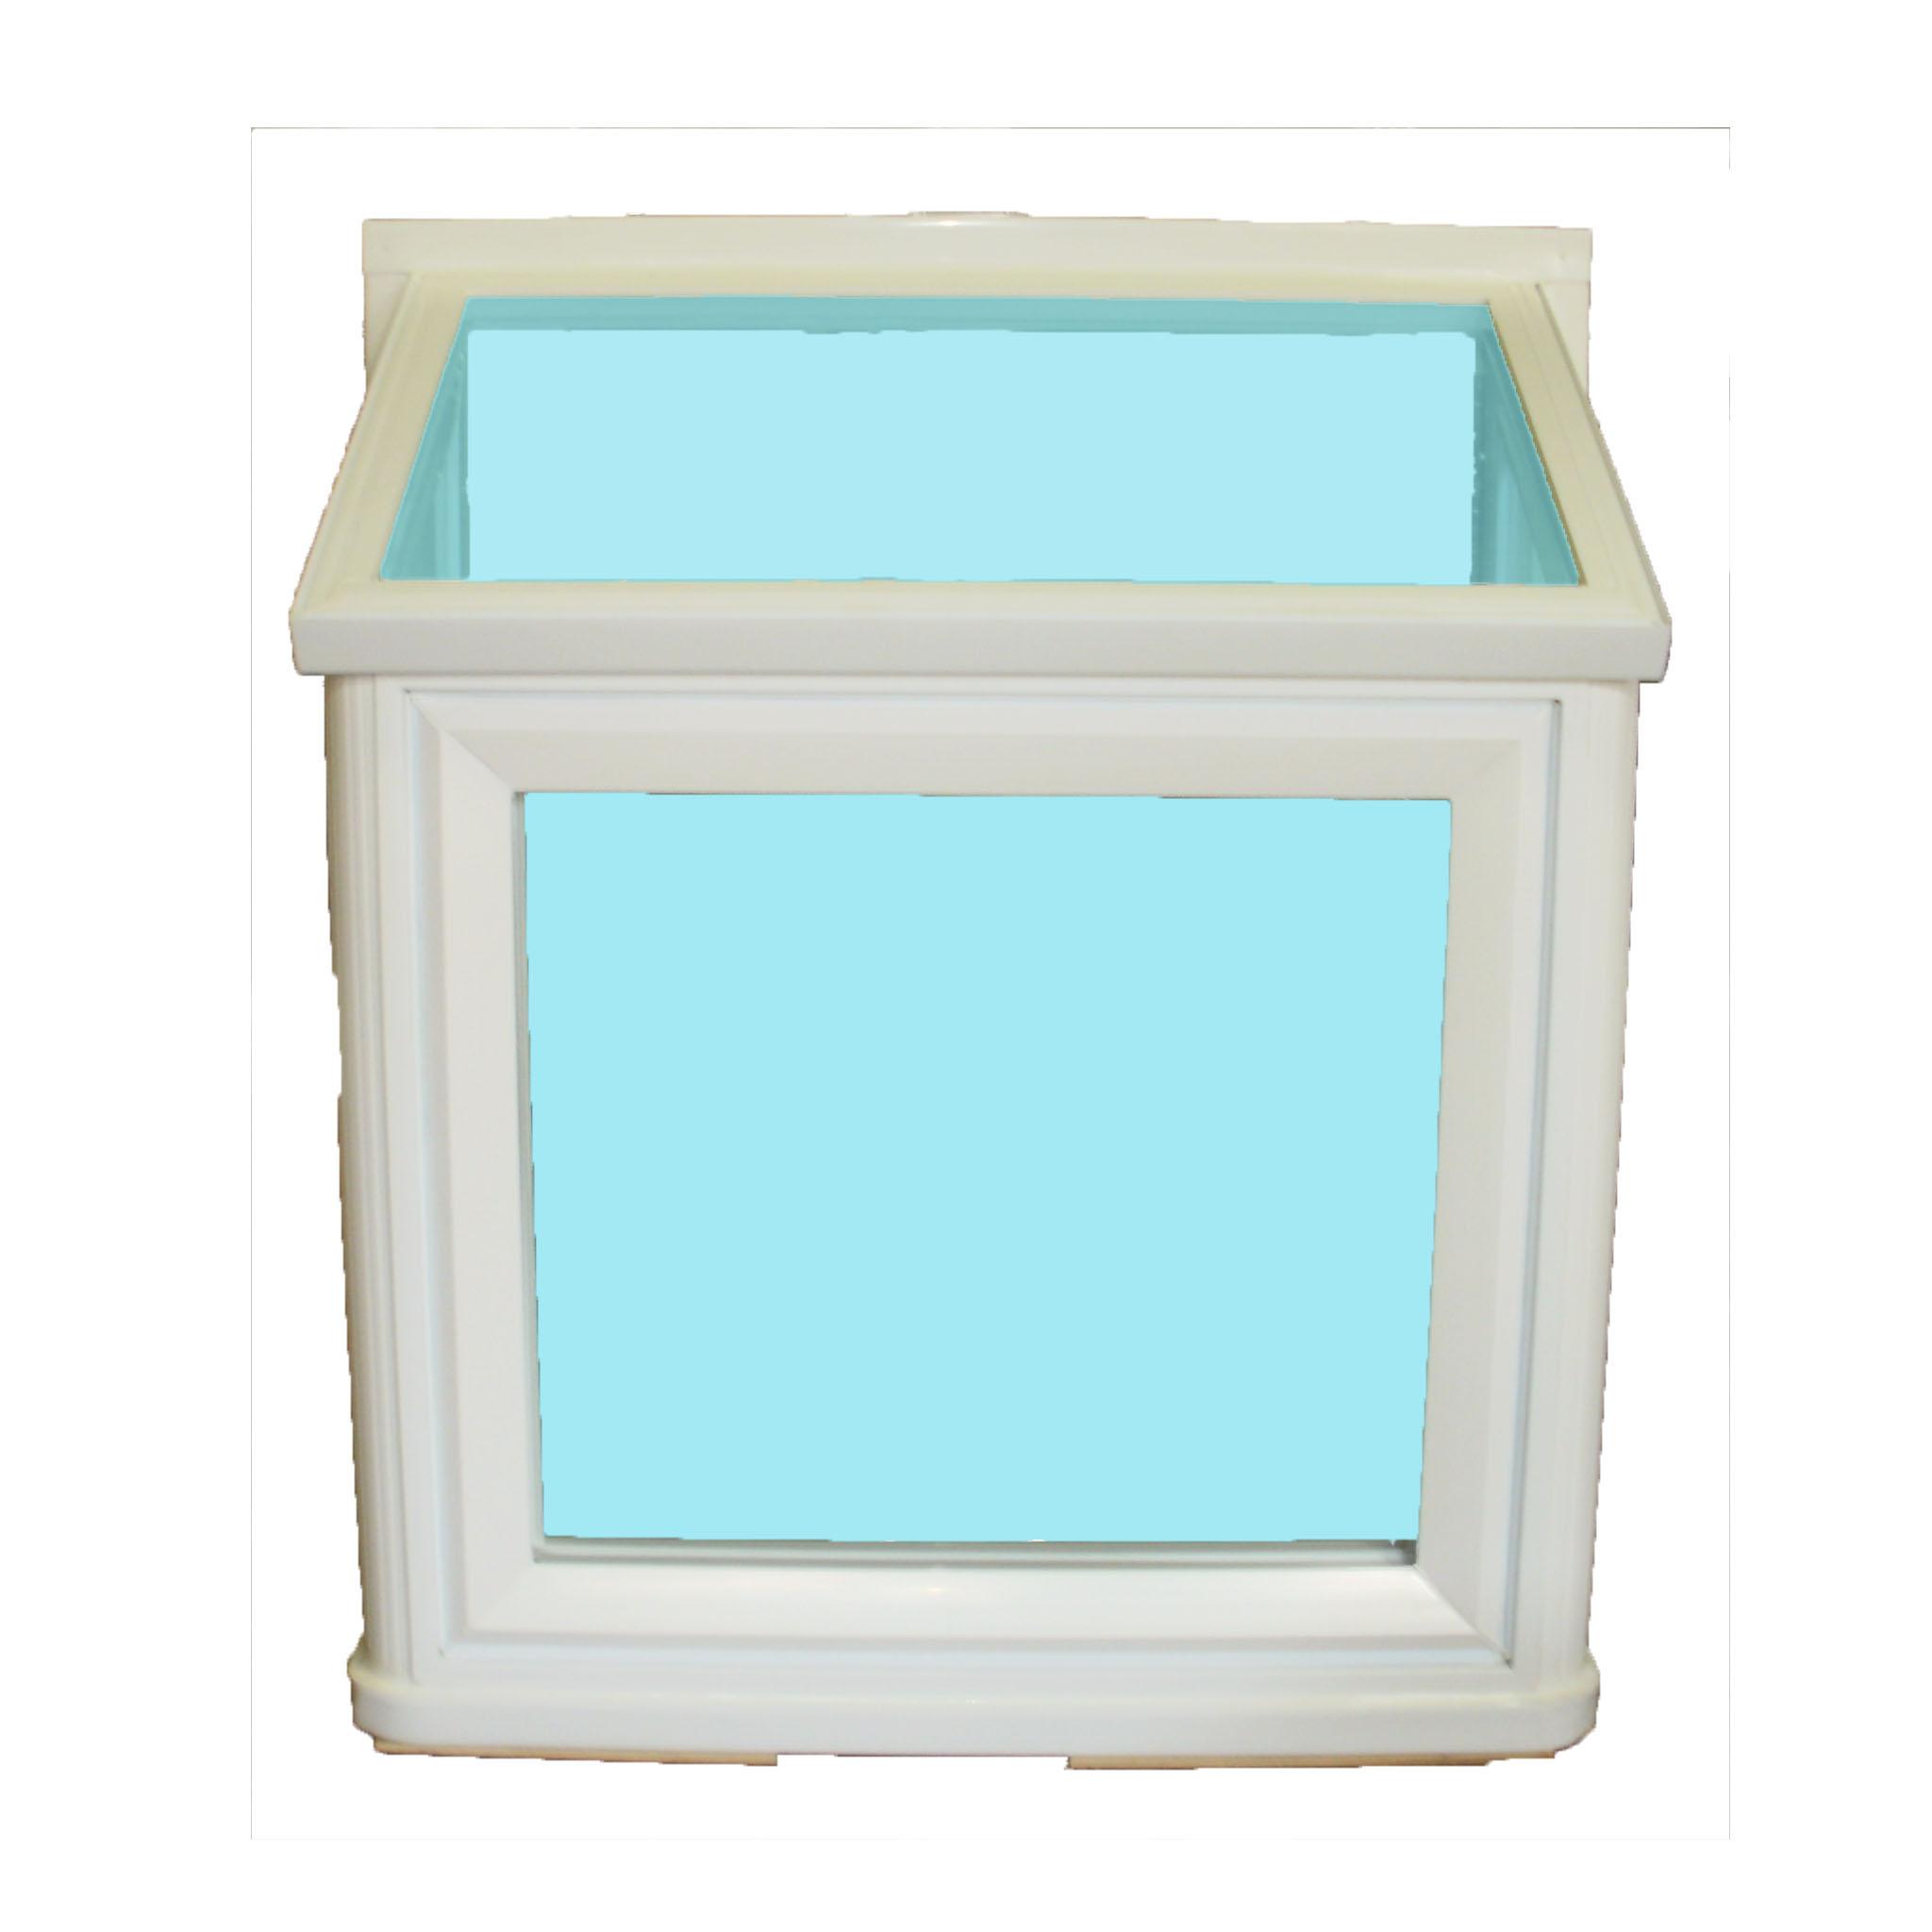 GARDEN WINDOW Image